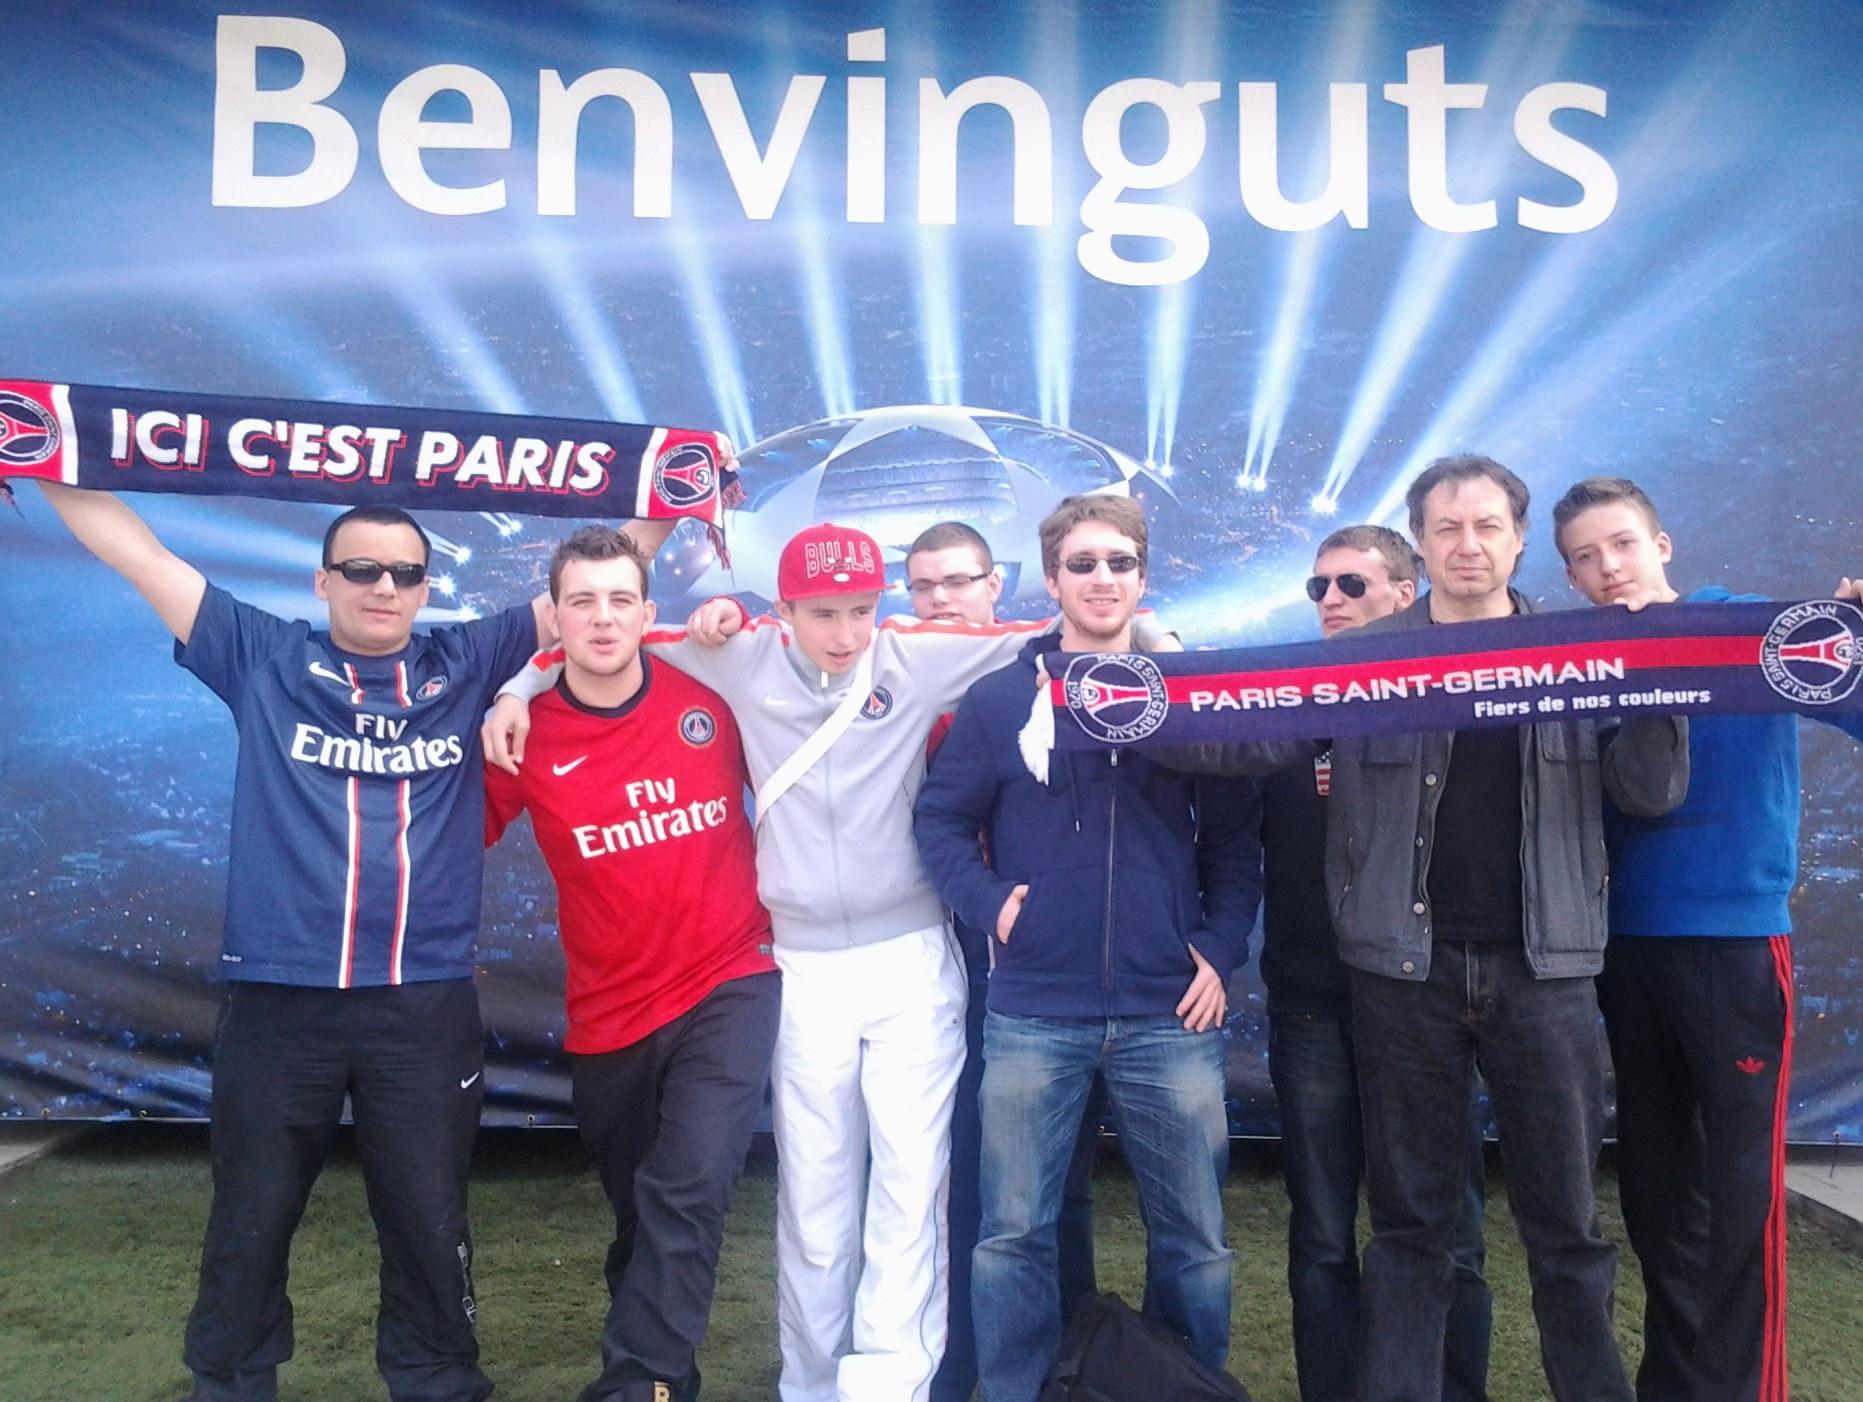 FC Barcelone-PSG : journal de bord d'un groupe de fans parisiens